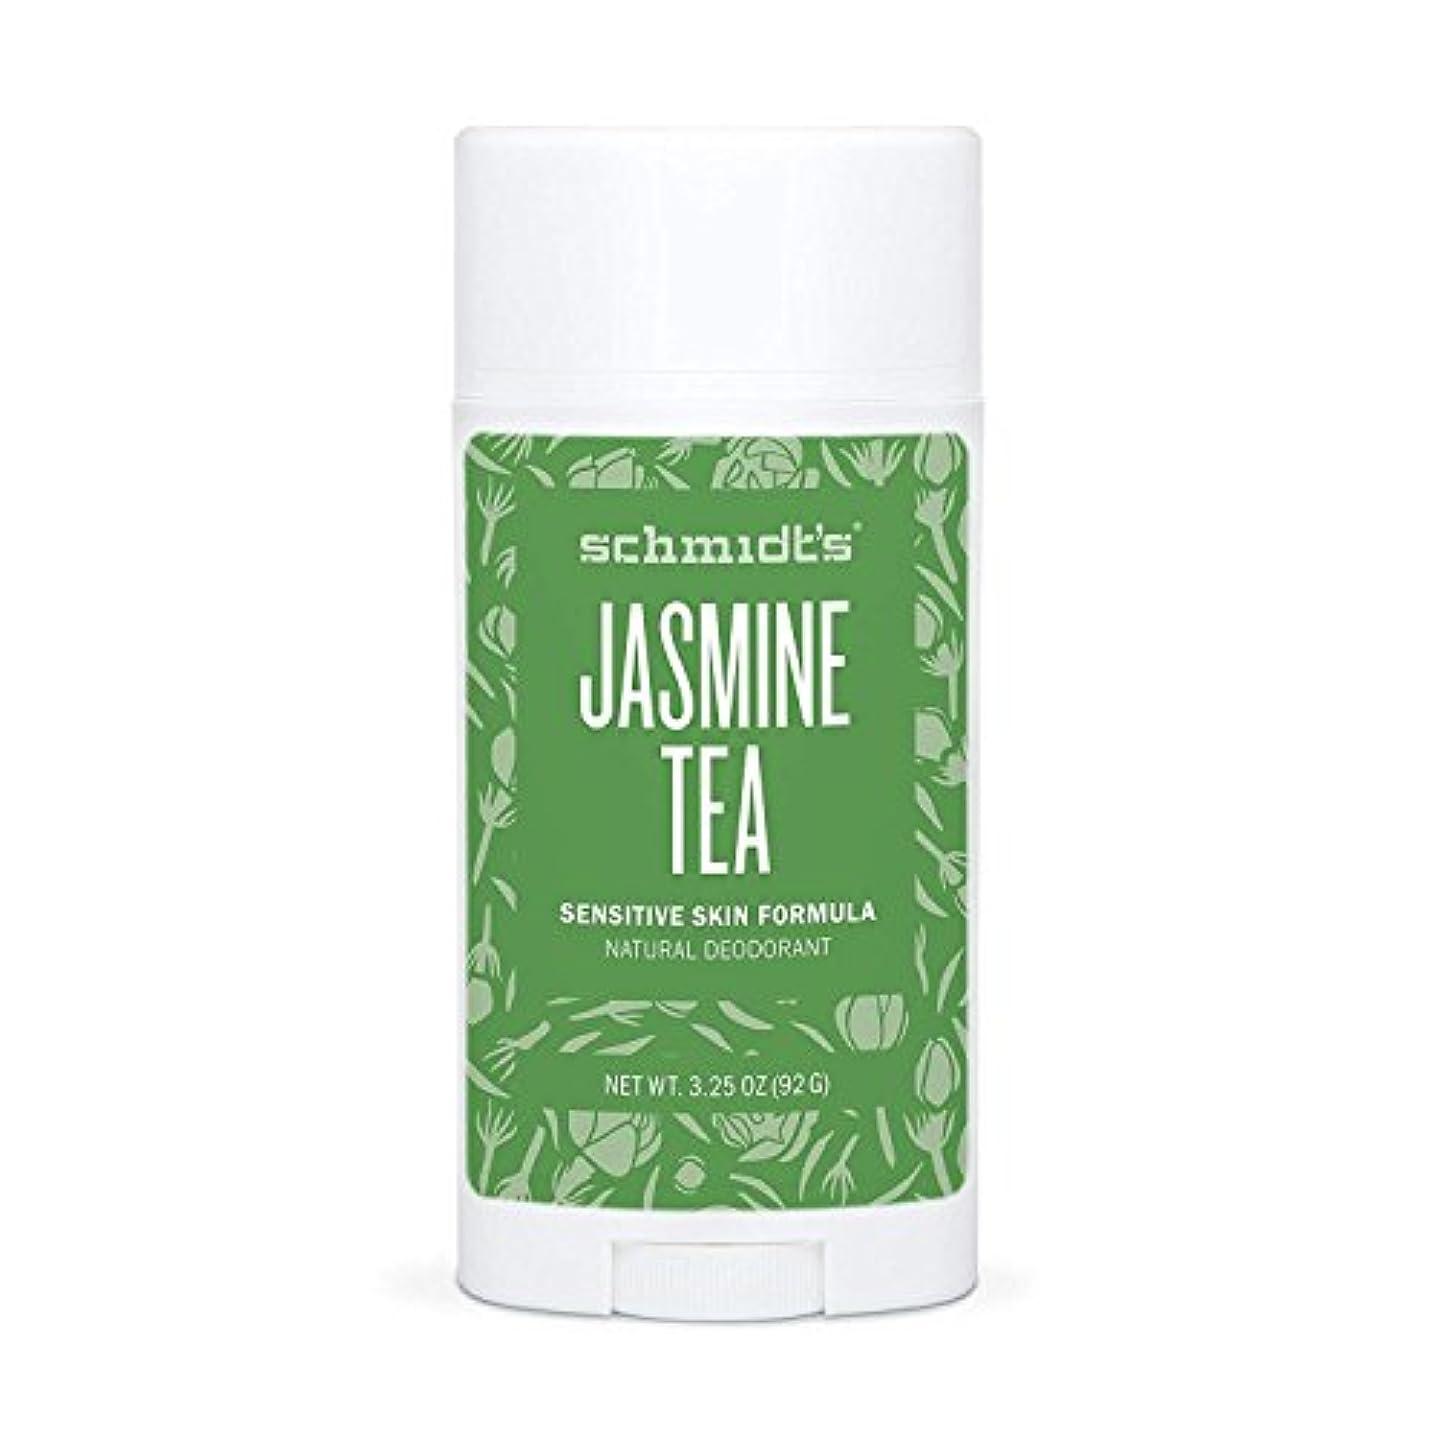 Schmidt's Sensitive Skin Deodorant Stick_JASMINE TEA 3.25 oz シュミッツ デオドラント センシティブスキン ジャスミンティー 92 g [並行輸入品]